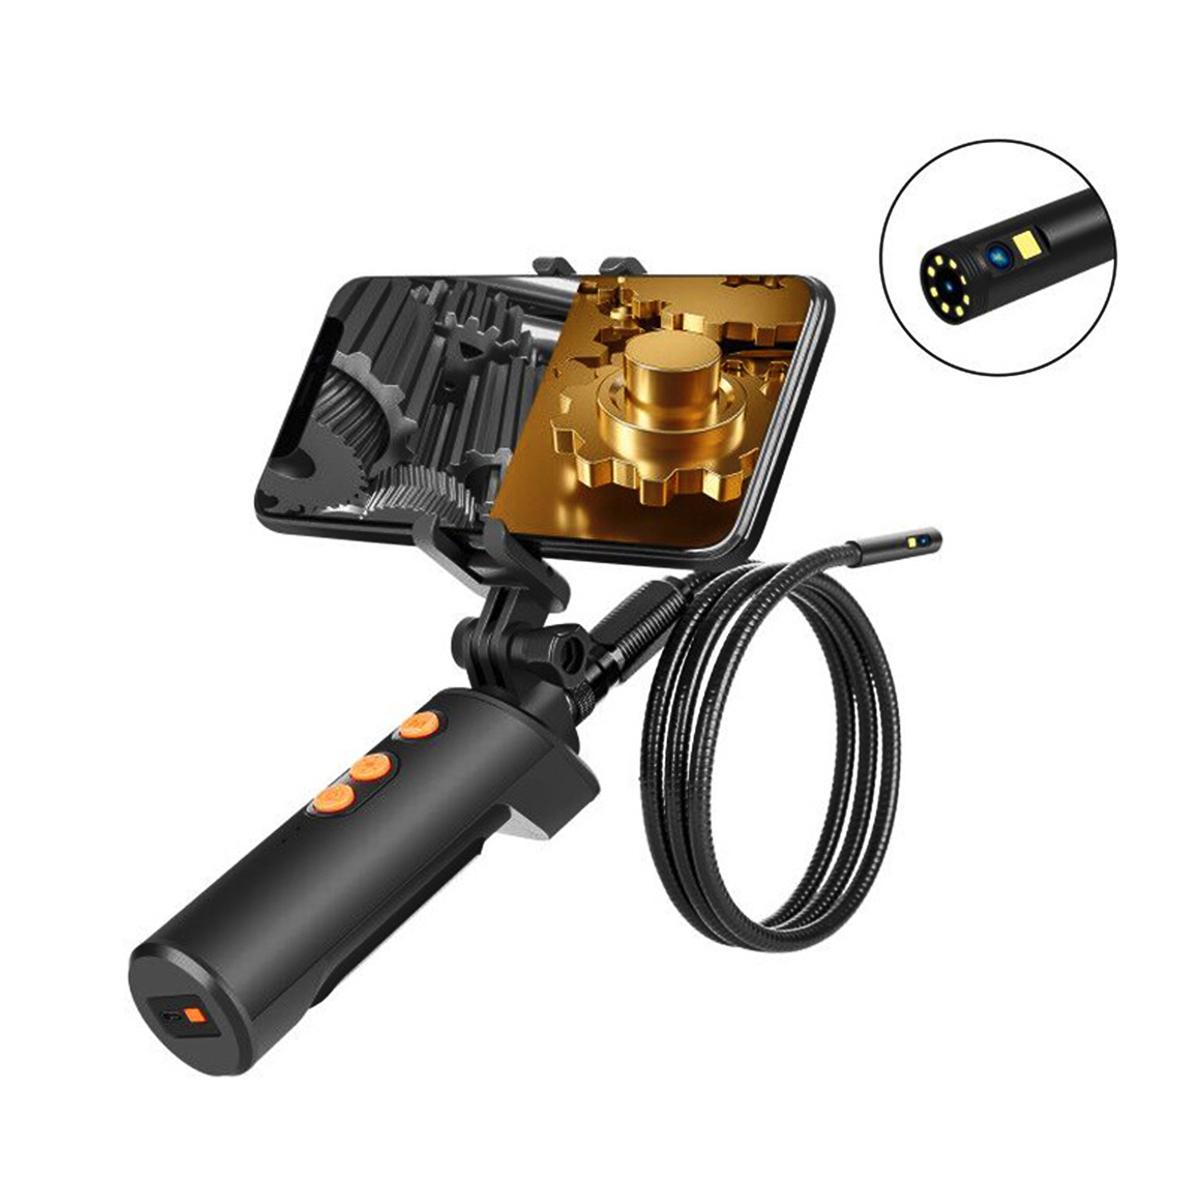 内視鏡 検査カメラ ワイヤレス 工業用内視鏡 デュアルレンズ IP68防水 9LED 調整可能 USB充電式 8MM超薄型レンズ 1080P ブラケット 送料無料 スマホ専用 wifi接続 公式ストア 5M 家庭掃除 車 設備の点検 HDカメラ 排水口 新作アイテム毎日更新 スコープカメラ